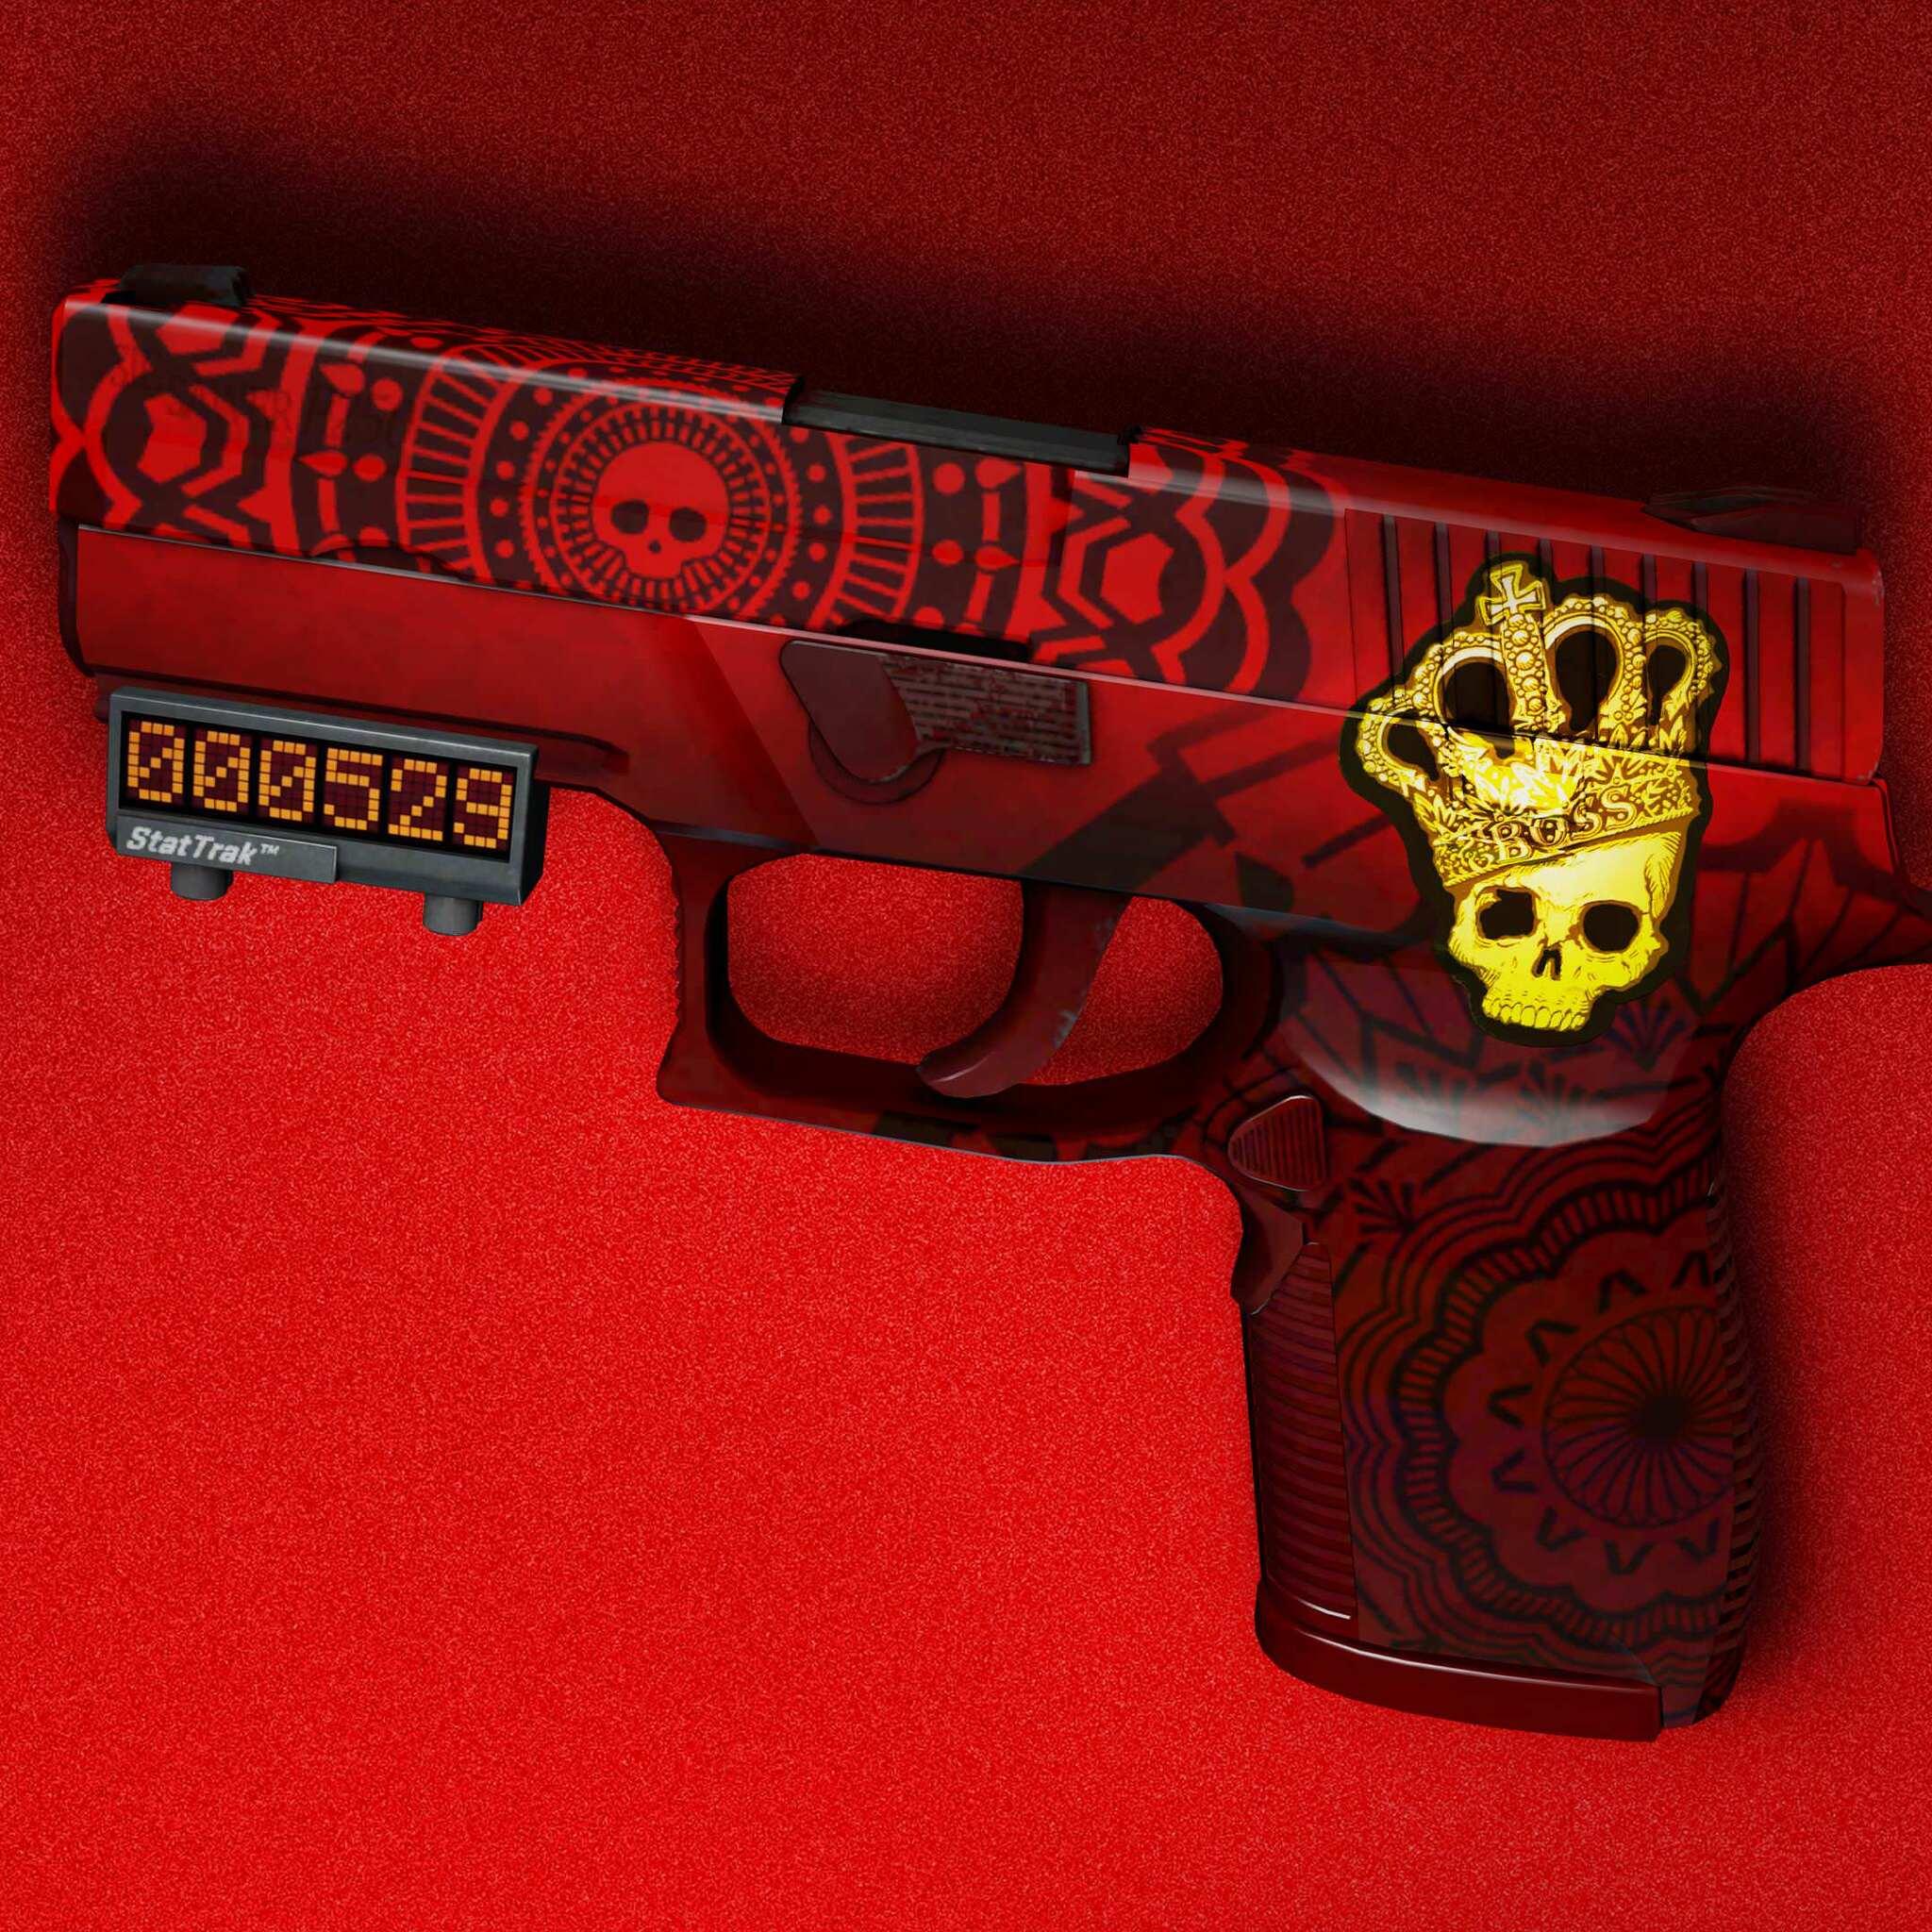 skull-gun-4k-kl.jpg